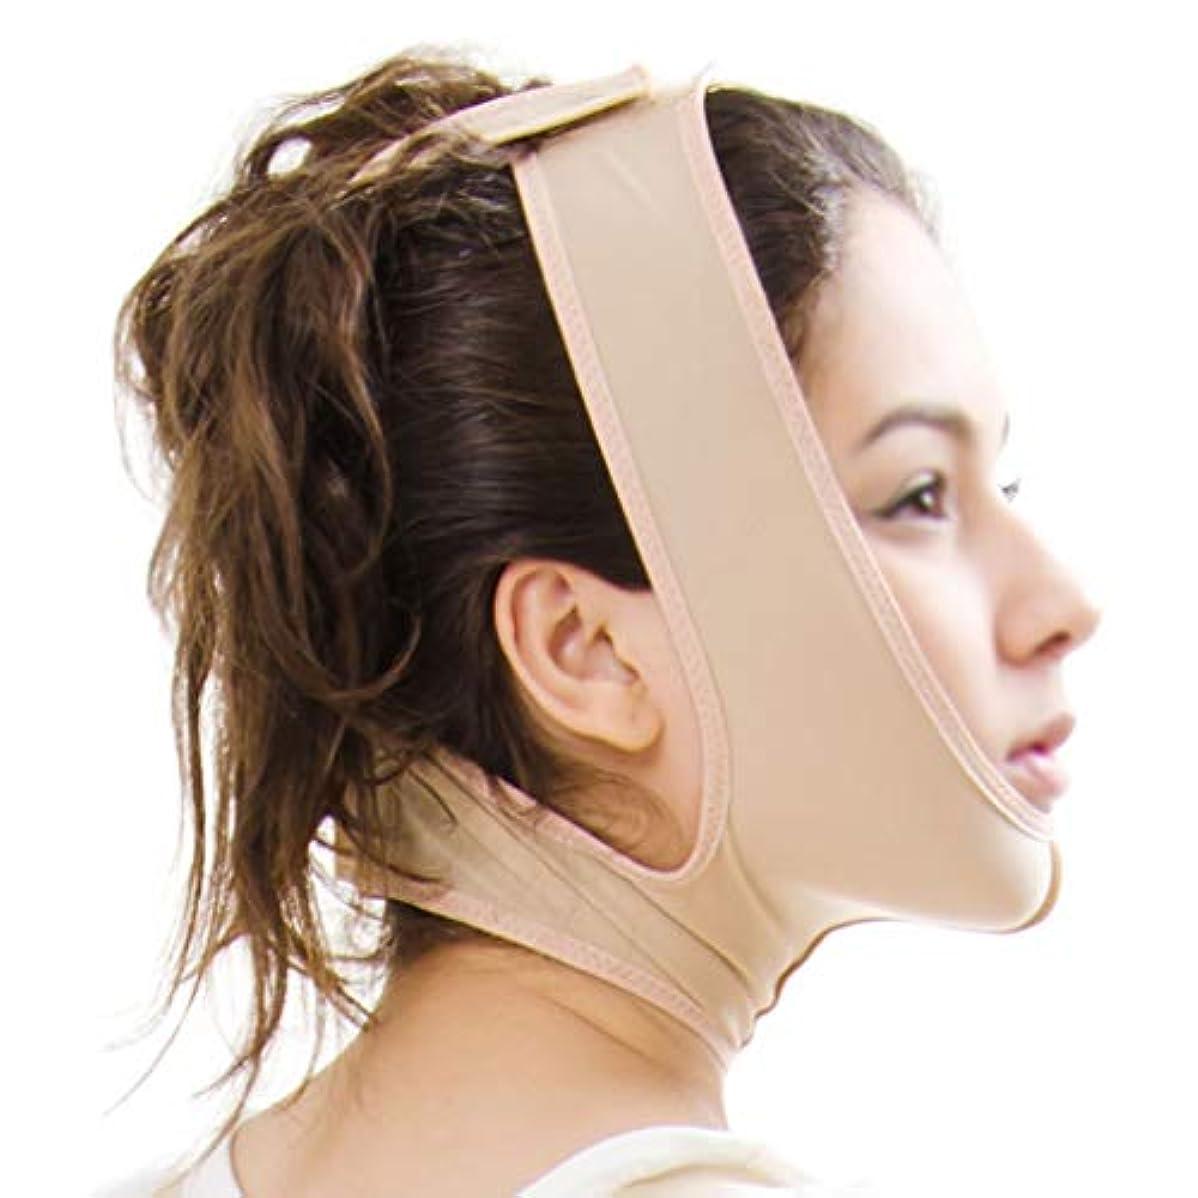 蛾監査サスペンションGLJJQMY 顔面リフティング包帯あごの首と首の二重あごの脂肪吸引術後創傷マスク 顔用整形マスク (Size : S)